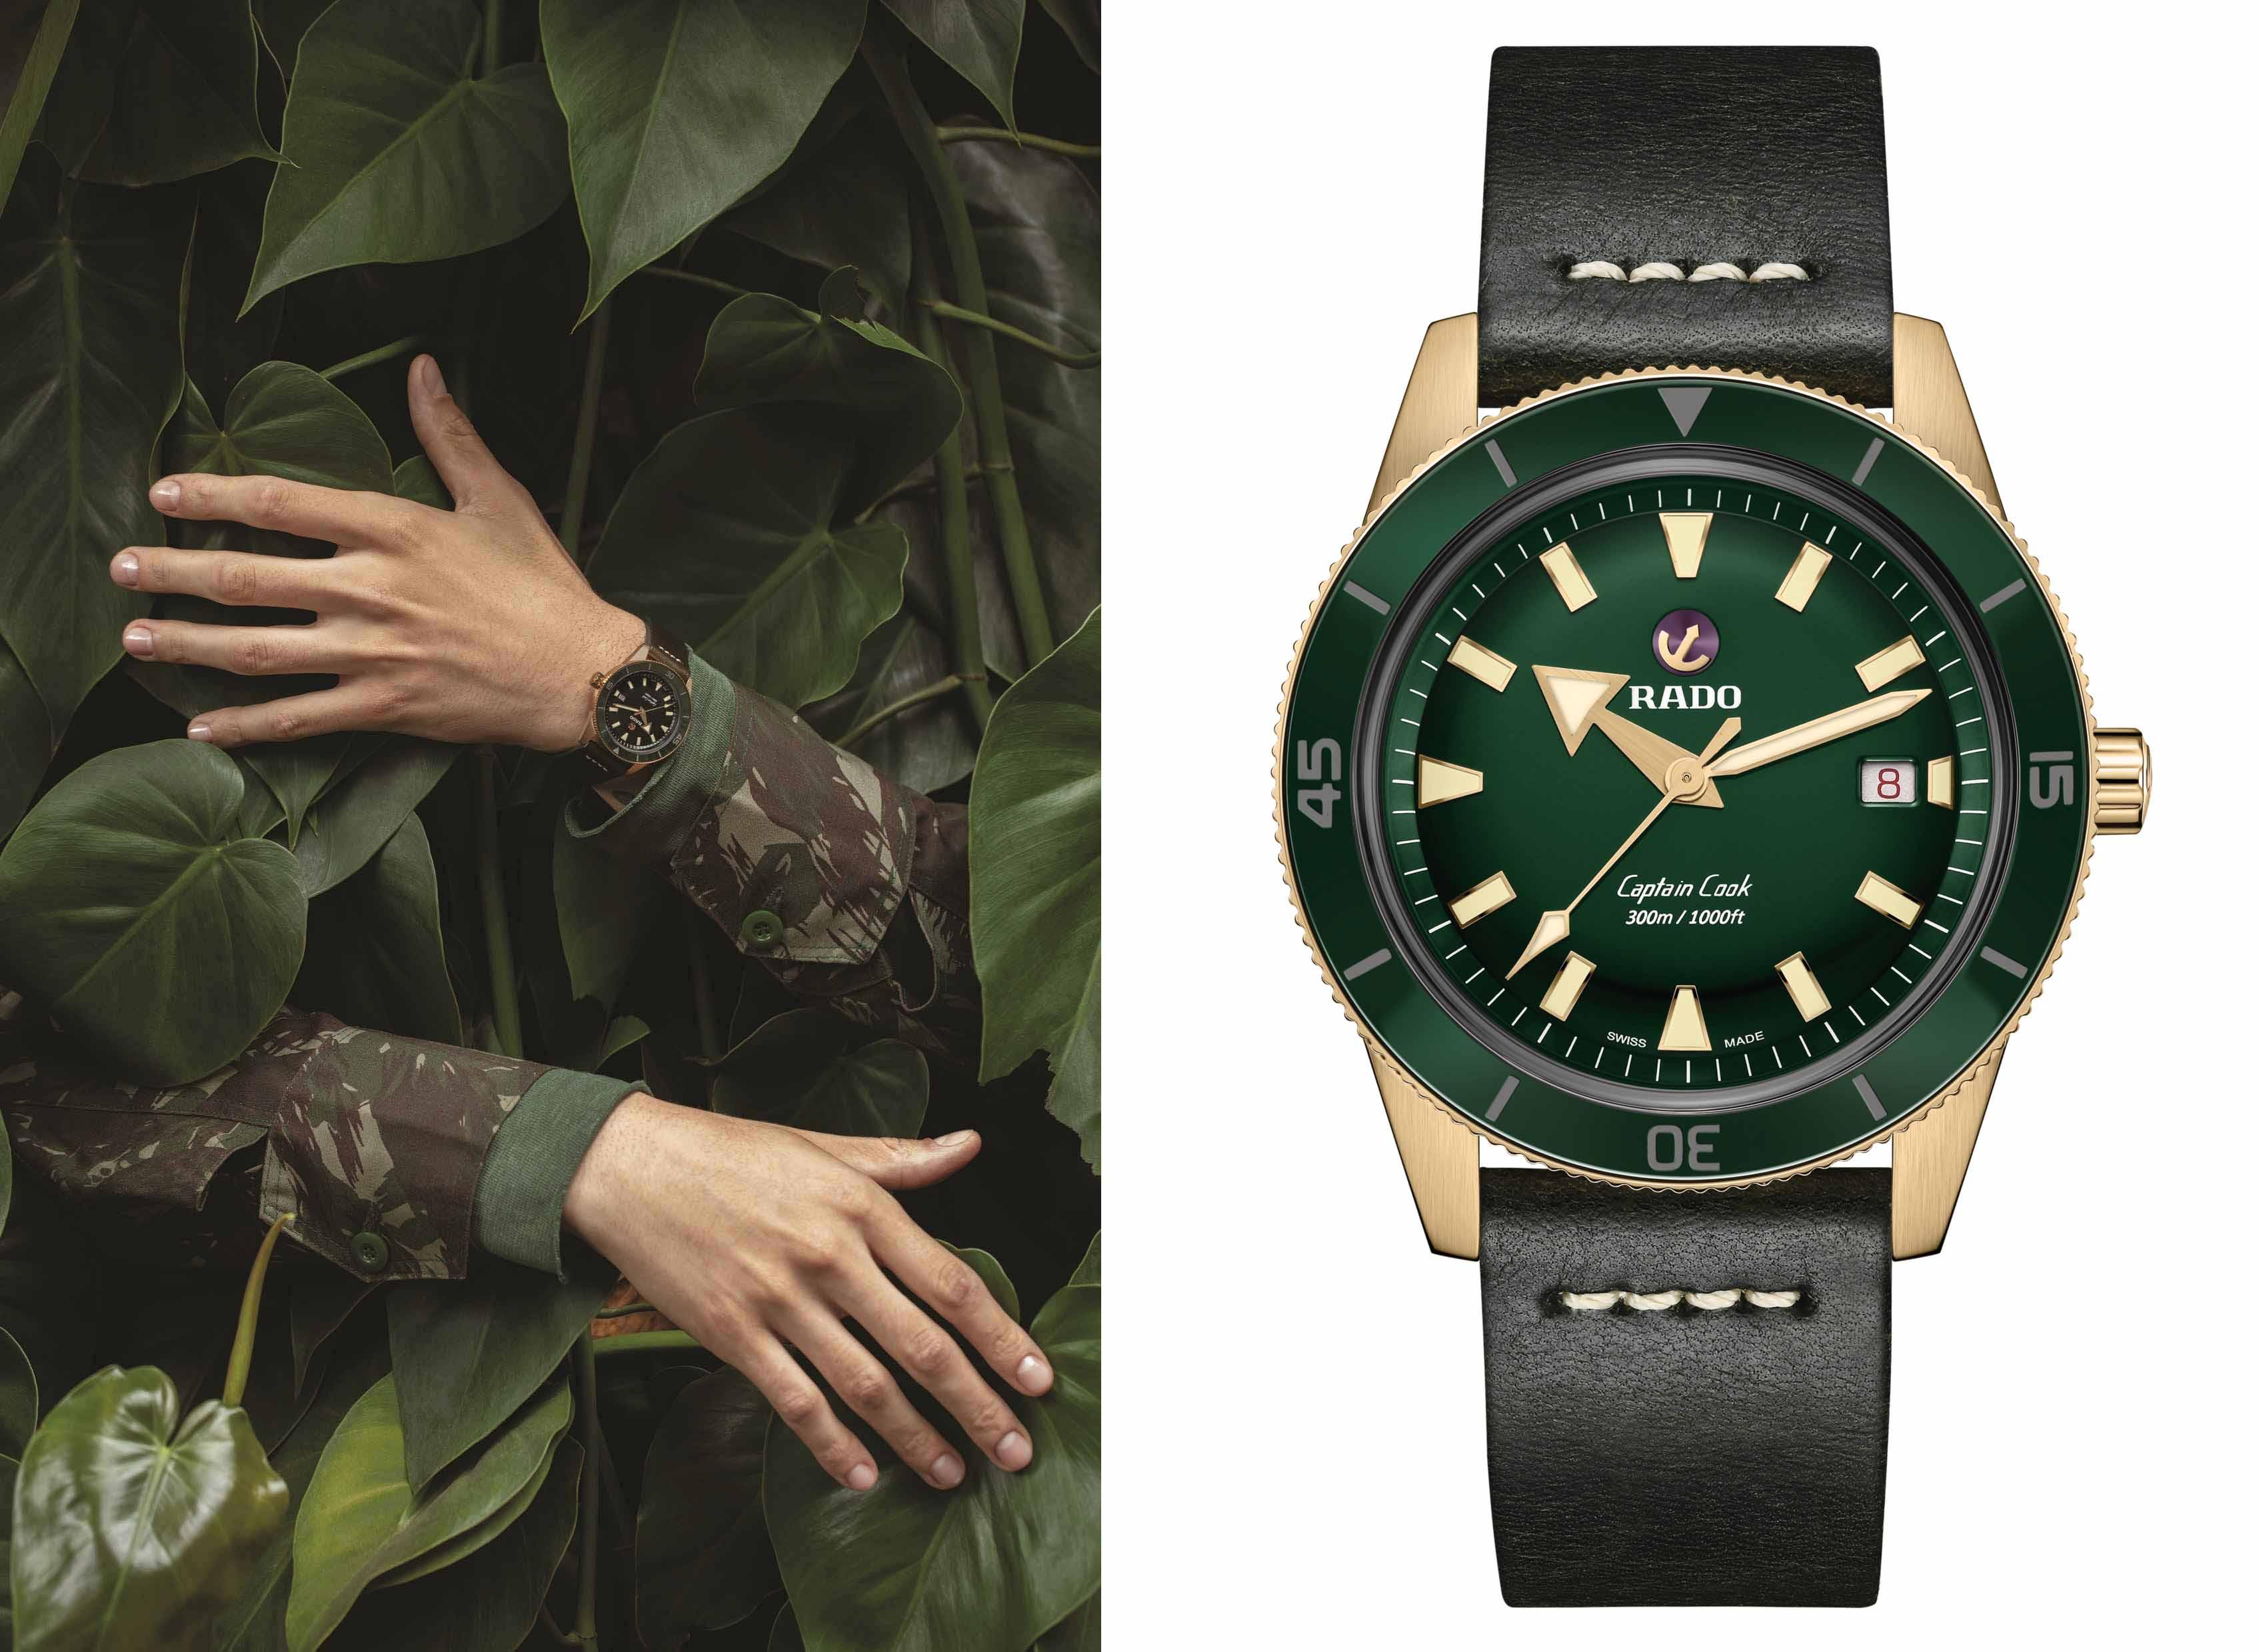 感知真我!青铜俊仕——Rado瑞士雷达表Captain Cook库克船长自动机械青铜腕表